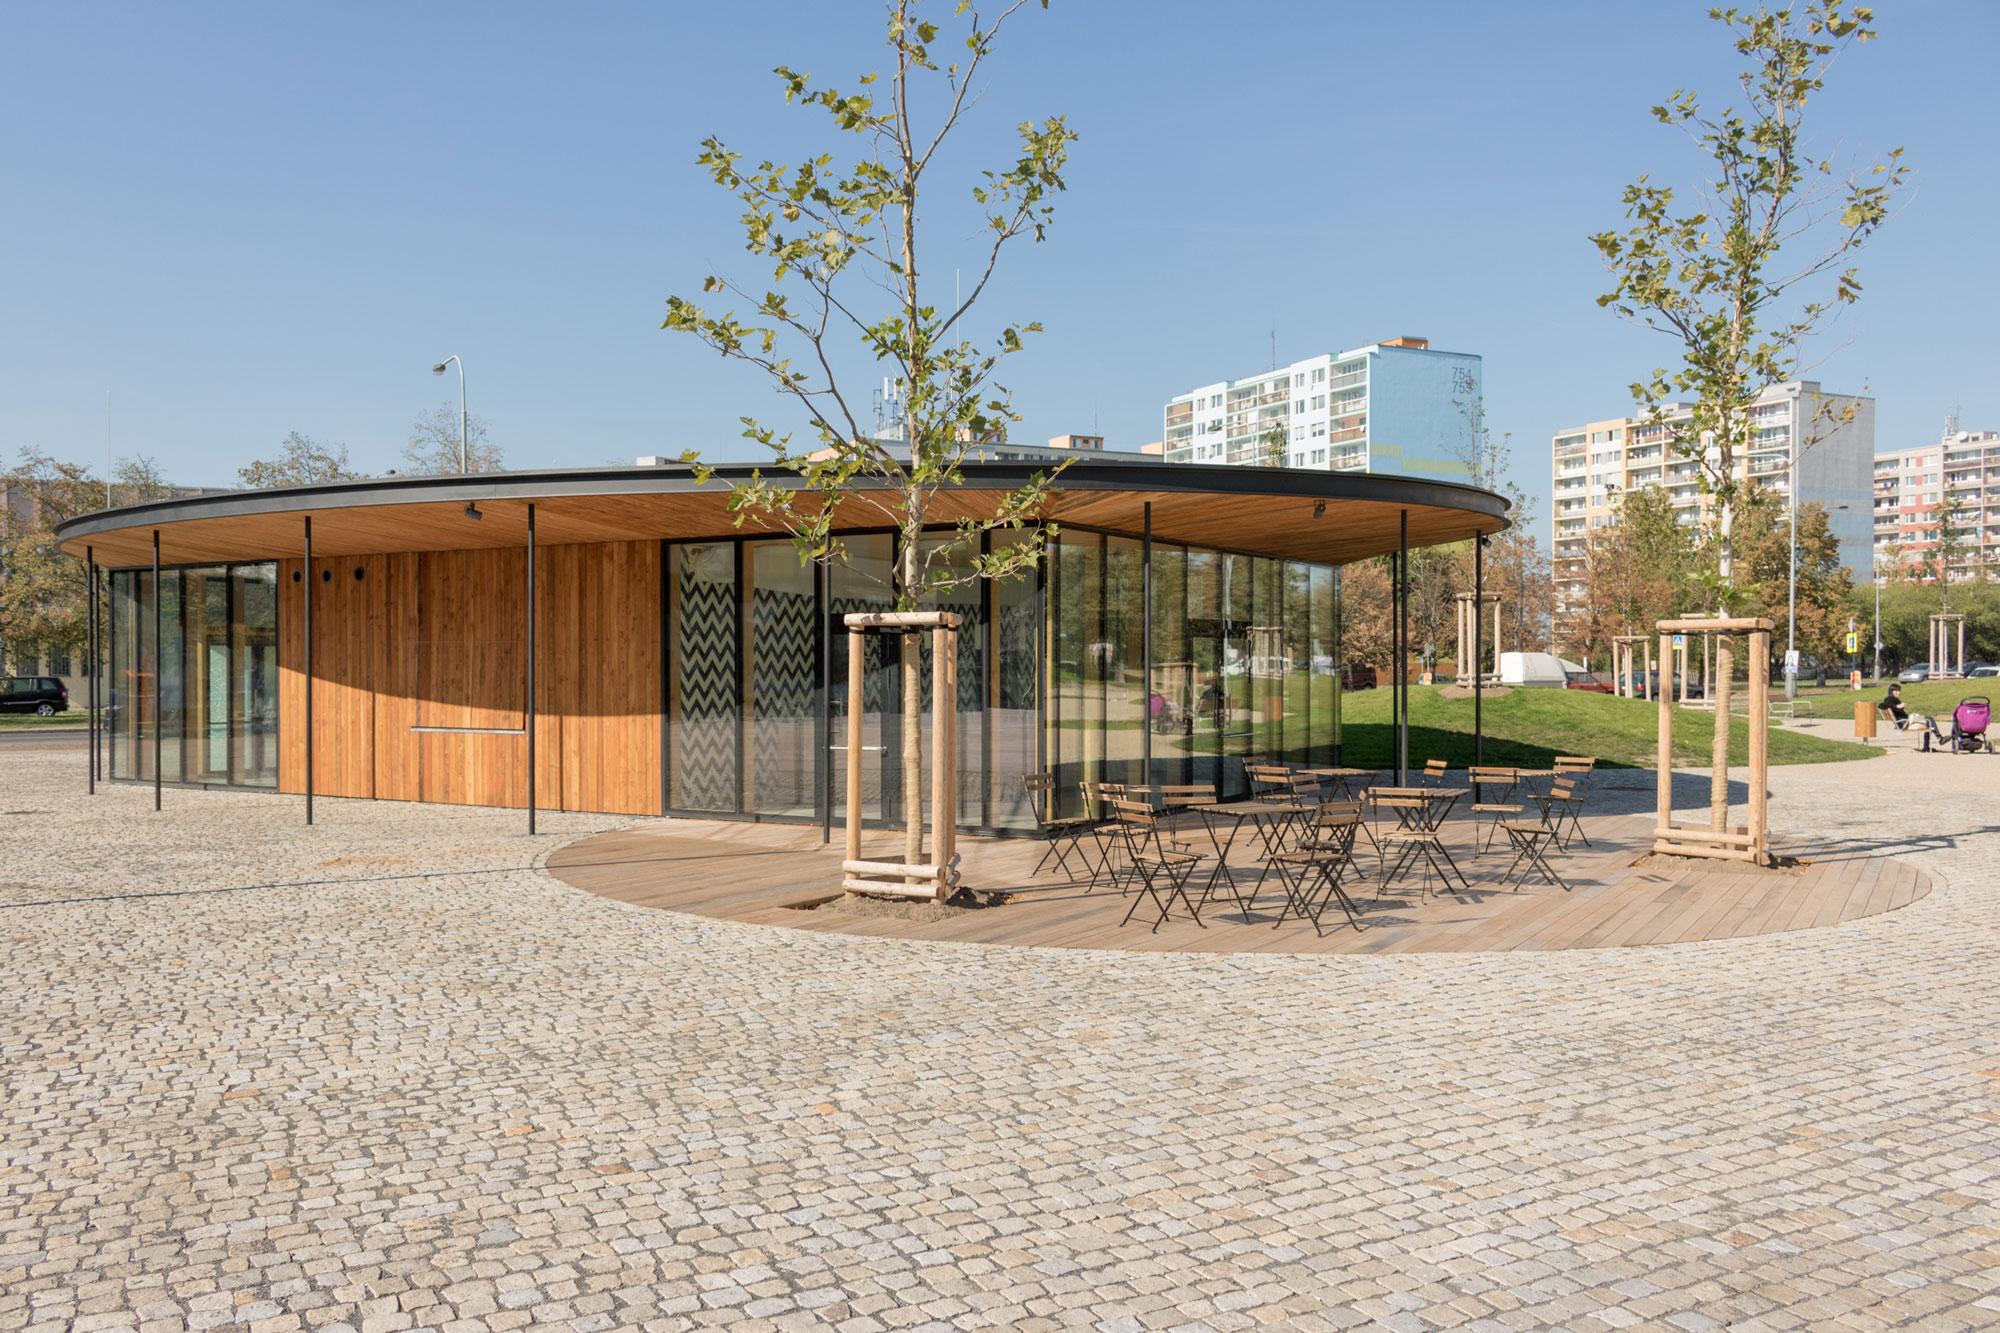 Eliptická střecha pavilonu přesahuje jeho obdélníkový půdorys a vytváří potřebné zastínění a ochranu před deštěm.